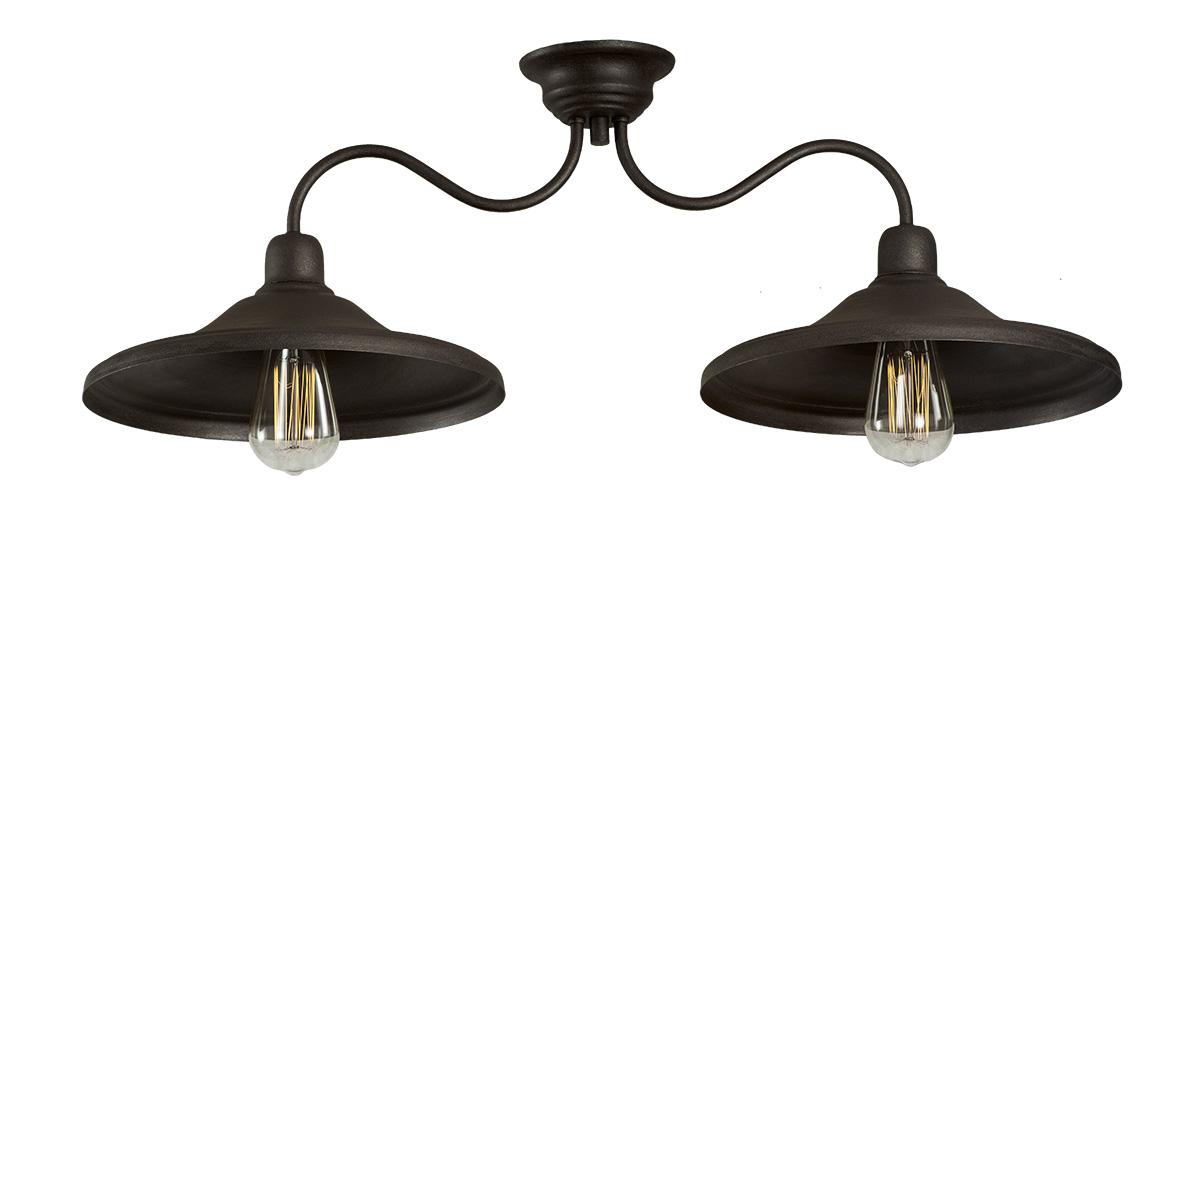 Παραδοσιακό φωτιστικό οροφής σε πατίνα γραφίτη ΙΟΣ graphite patinated handmade rustic ceiling lamp